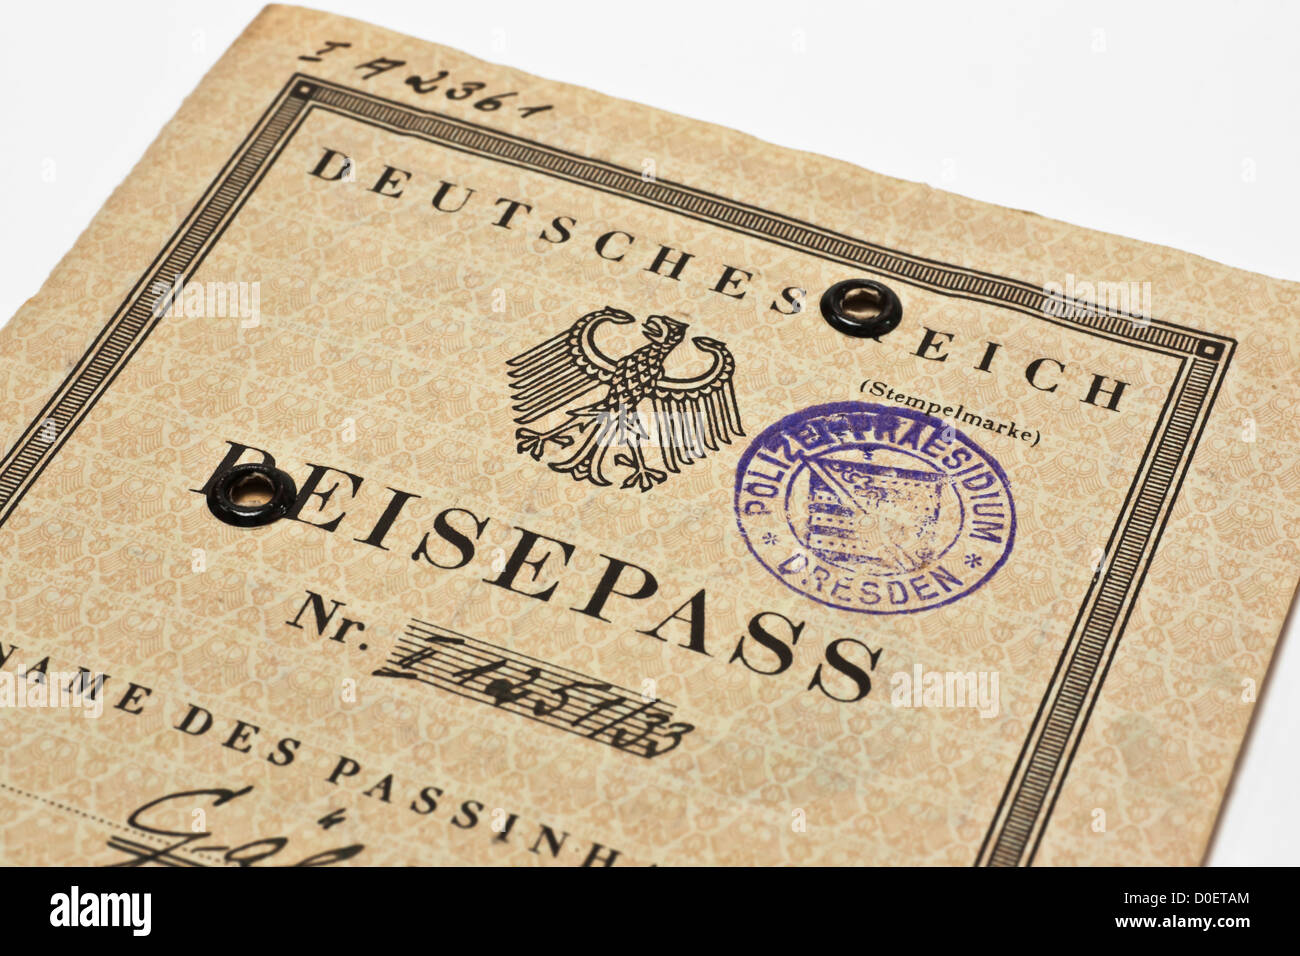 265f5d863bf7 Detailansicht eines Deutschen Reisepasses aus dem Jahr 1935 | Detail ...